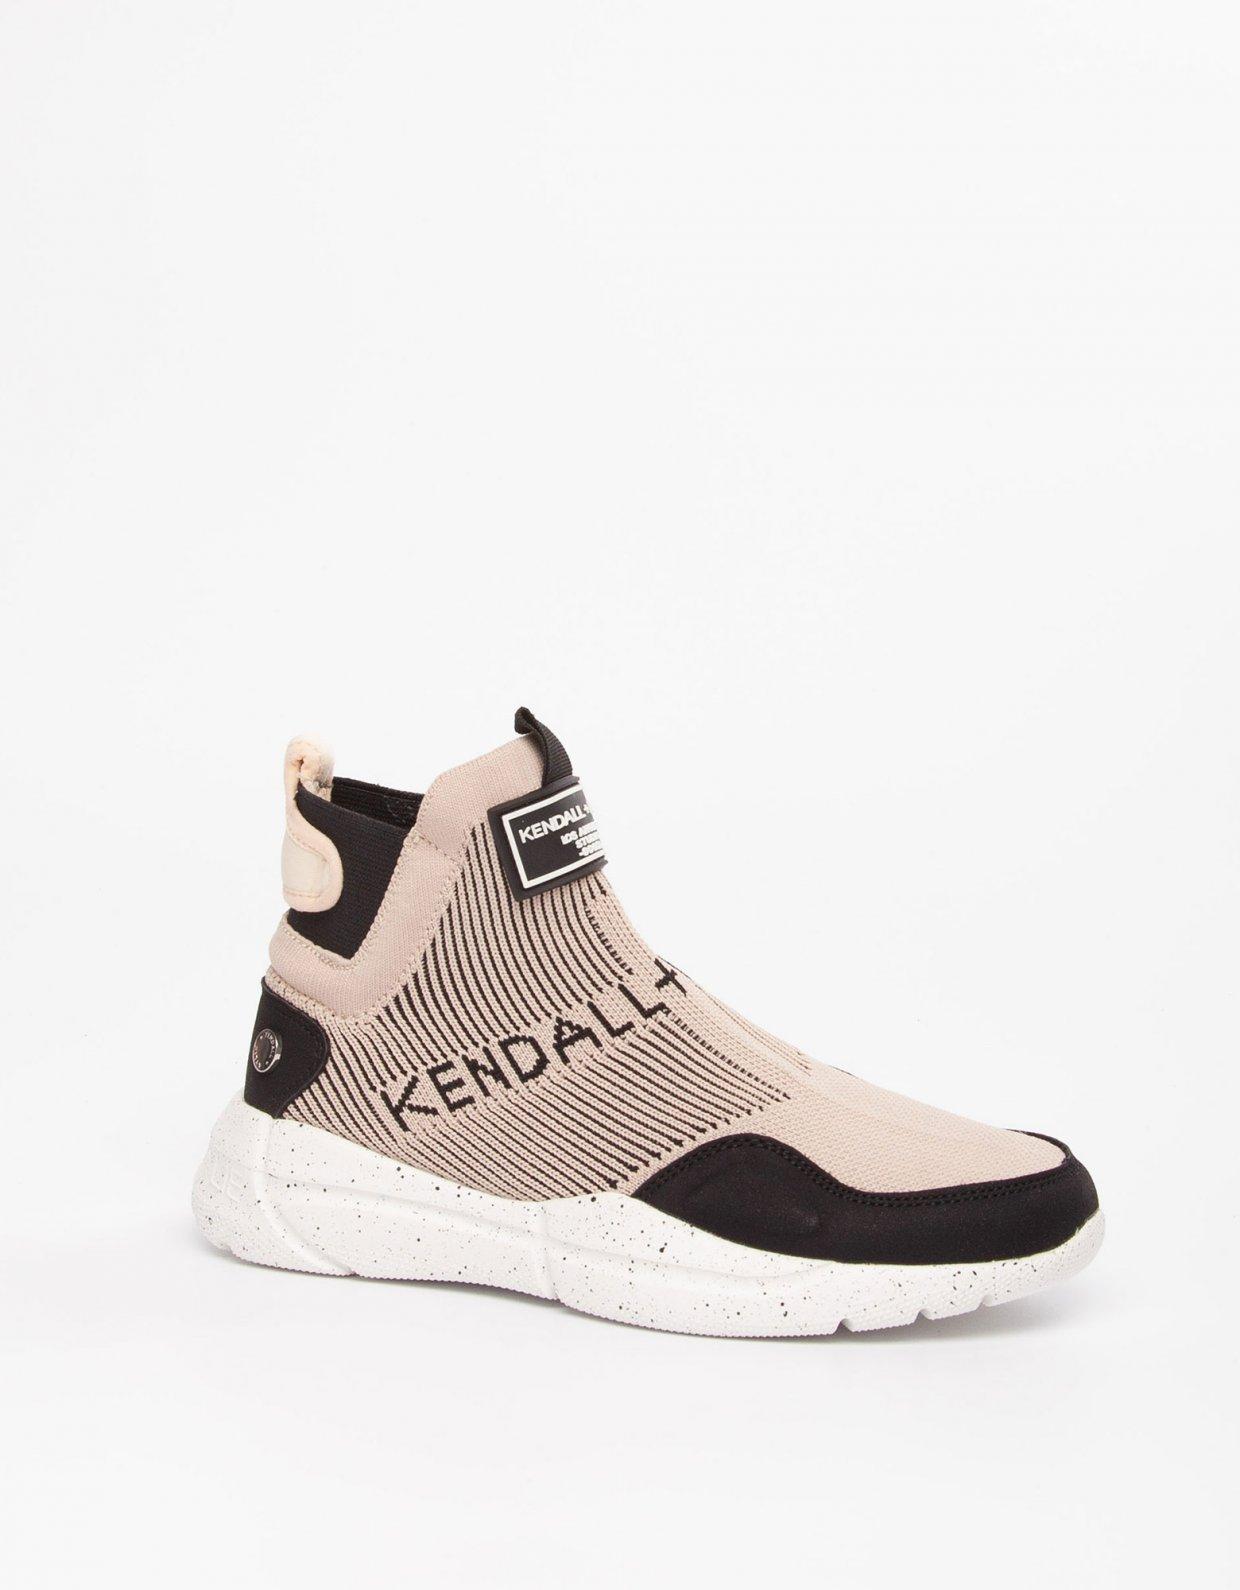 Kendall + Kylie Niv sneakers black/nude